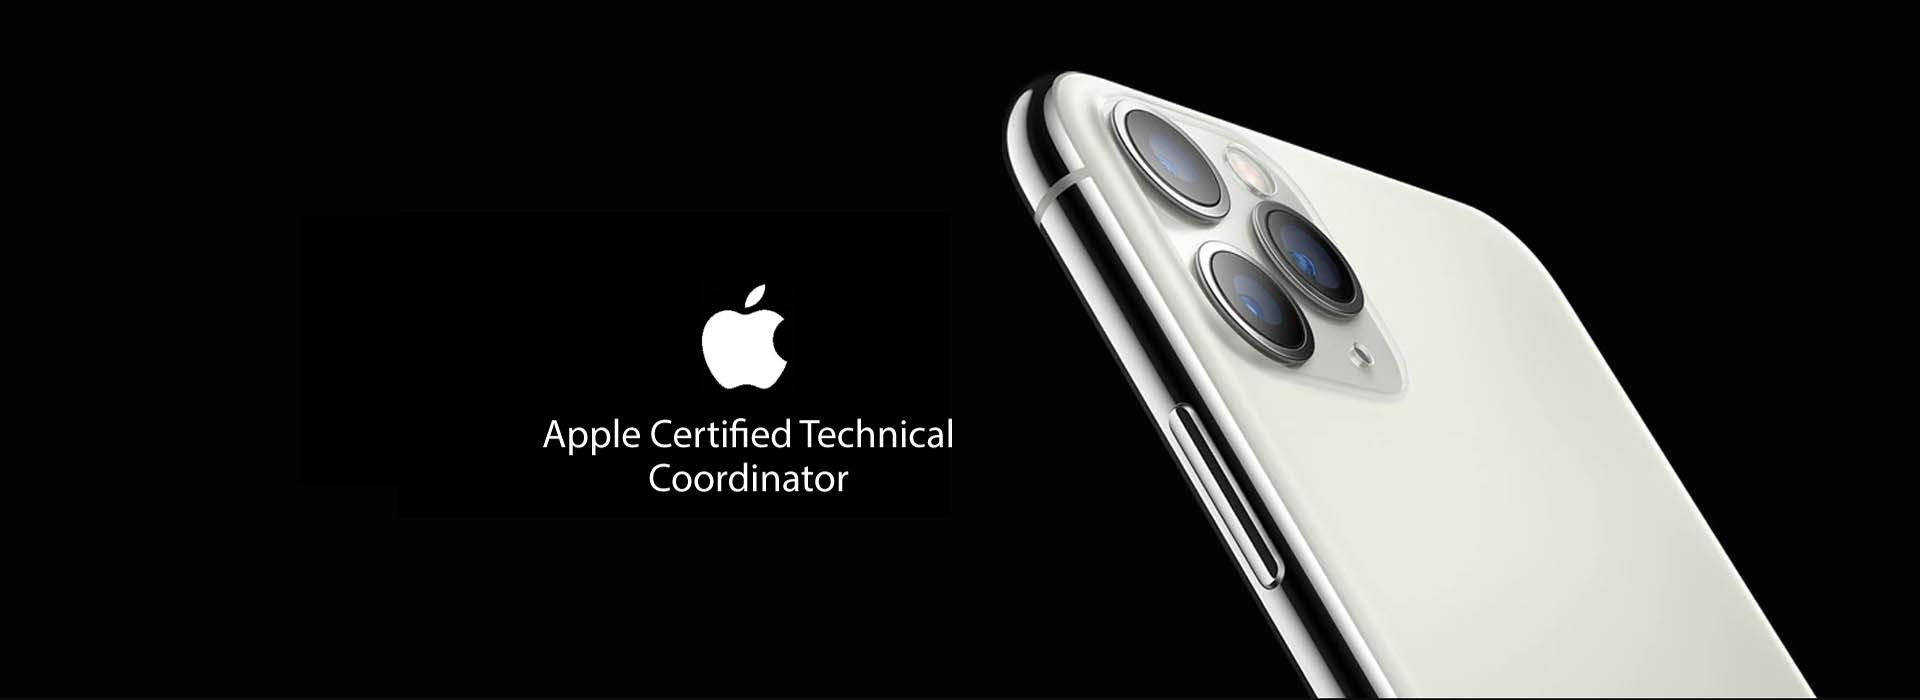 Procare - Certified Technical Coordinator